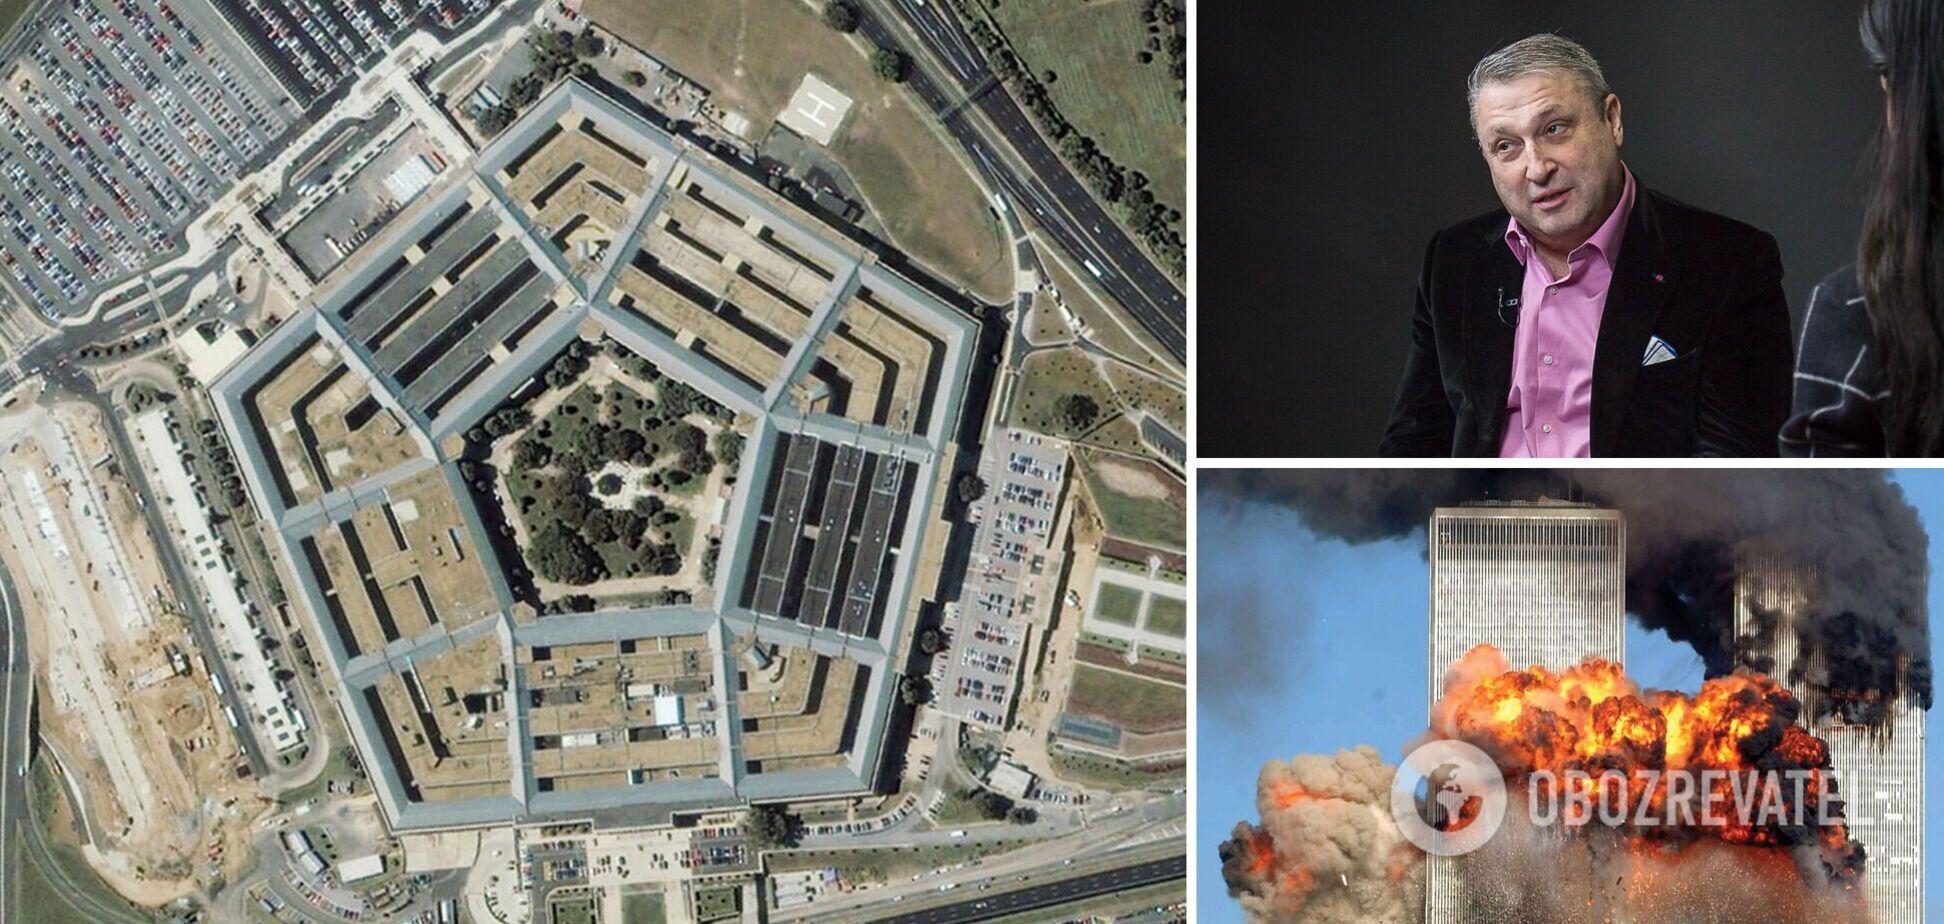 Табах про теракти в США: бачив, як із Пентагону стирчав хвіст літака